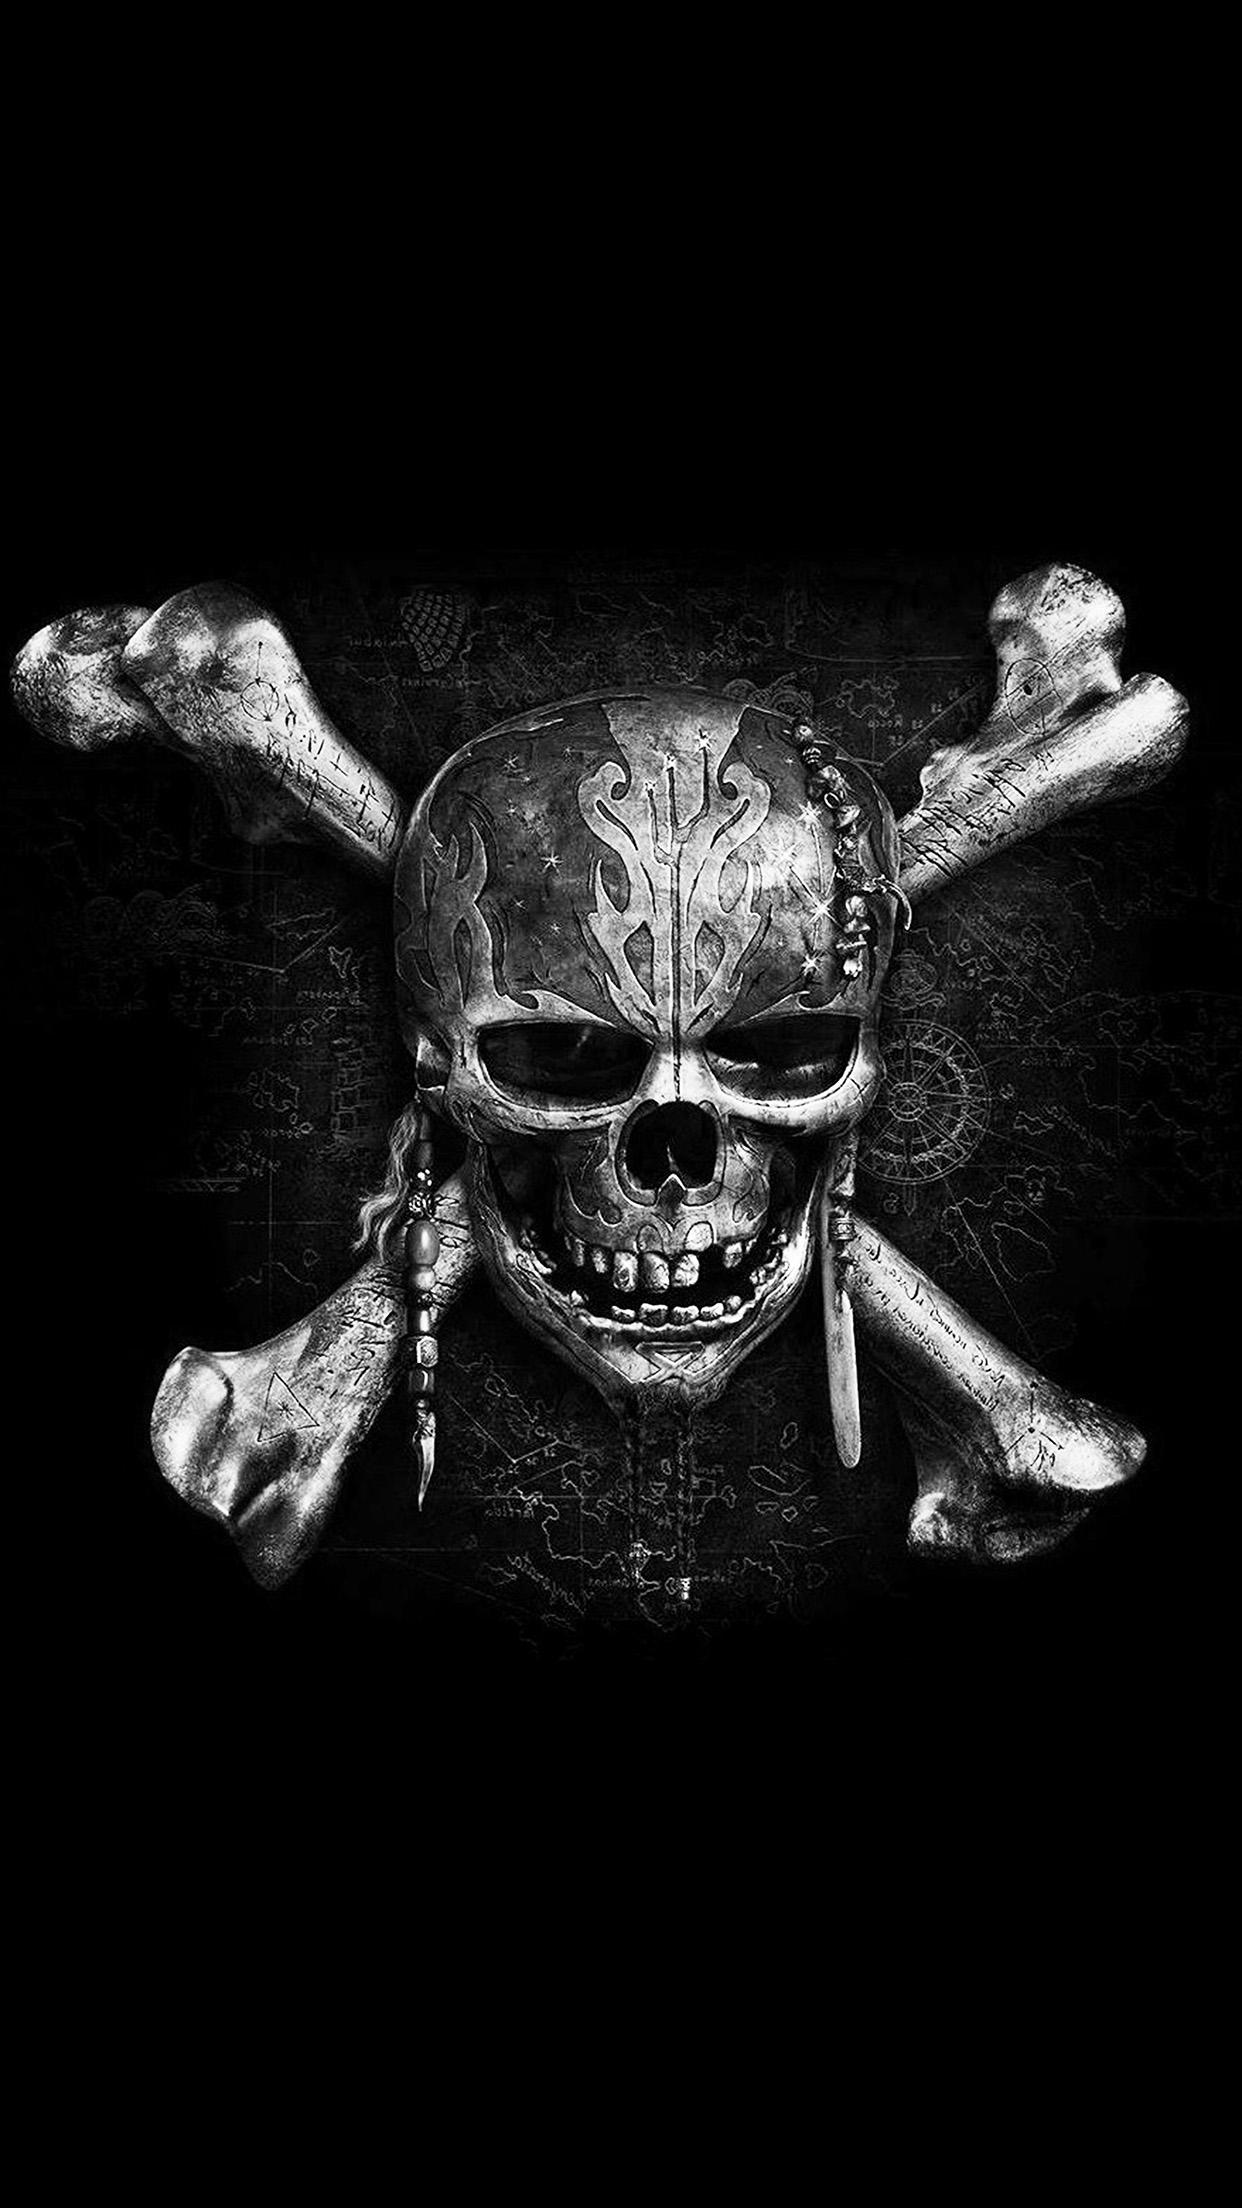 Skeleton Pattern Wallpaper Cute At84 Pirates Dark Skull Art Illustration Bw Wallpaper